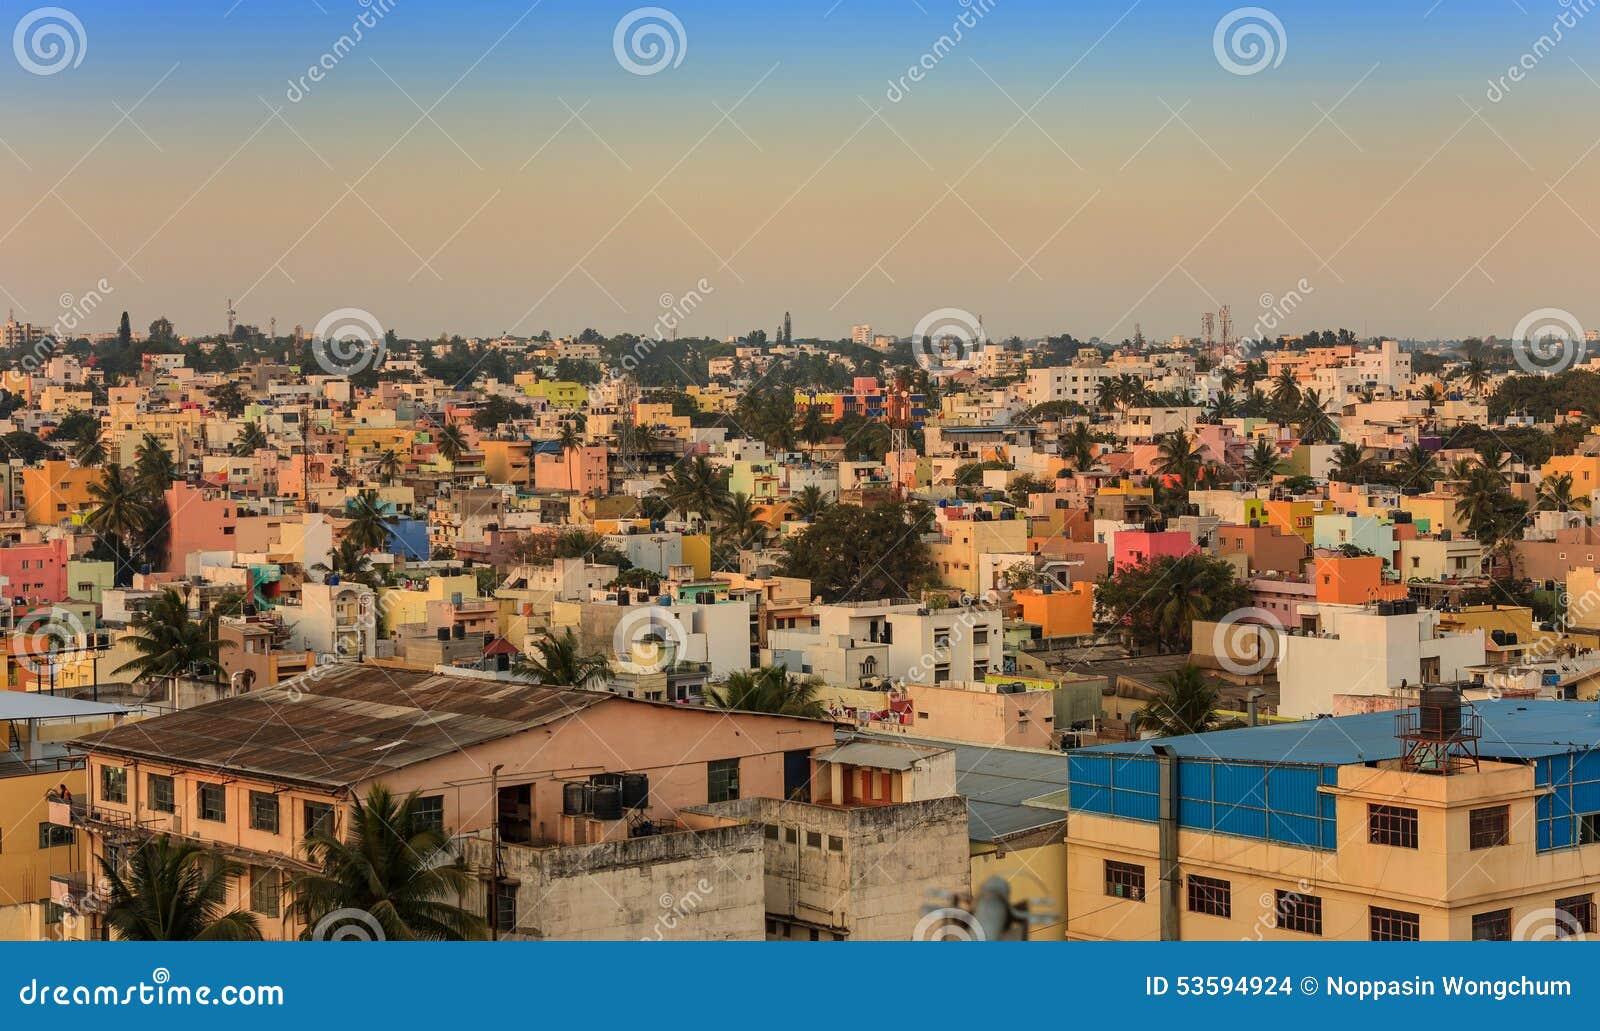 My Dream City - Bengaluru